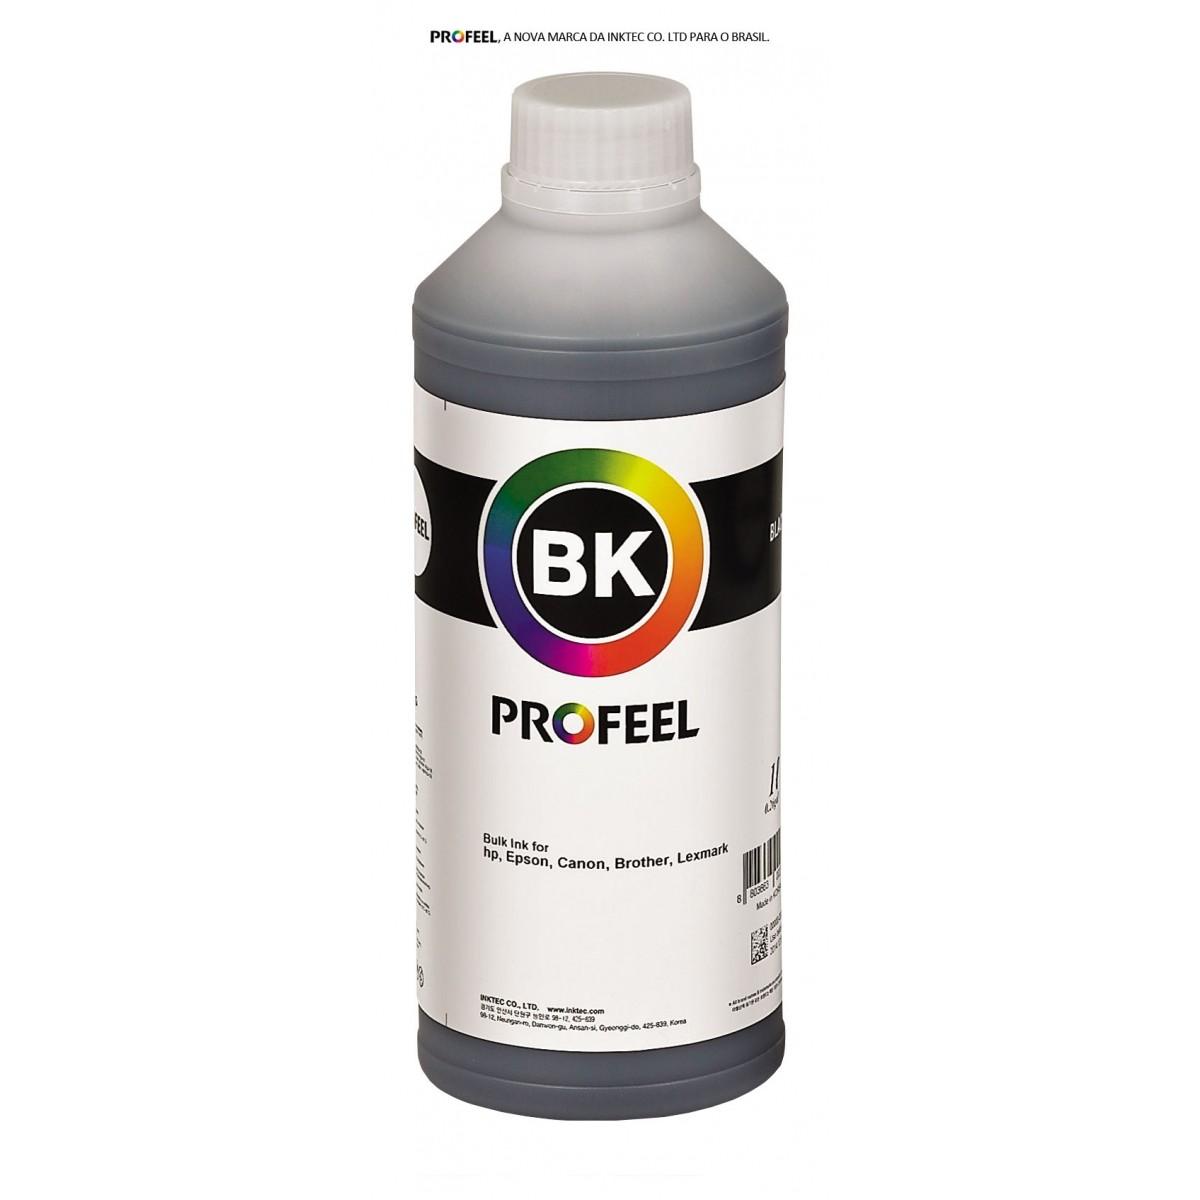 Tinta corante InkTec Profeel para Brother | modelo B1100-01LB | Frasco de 1 litro | Cor : Black